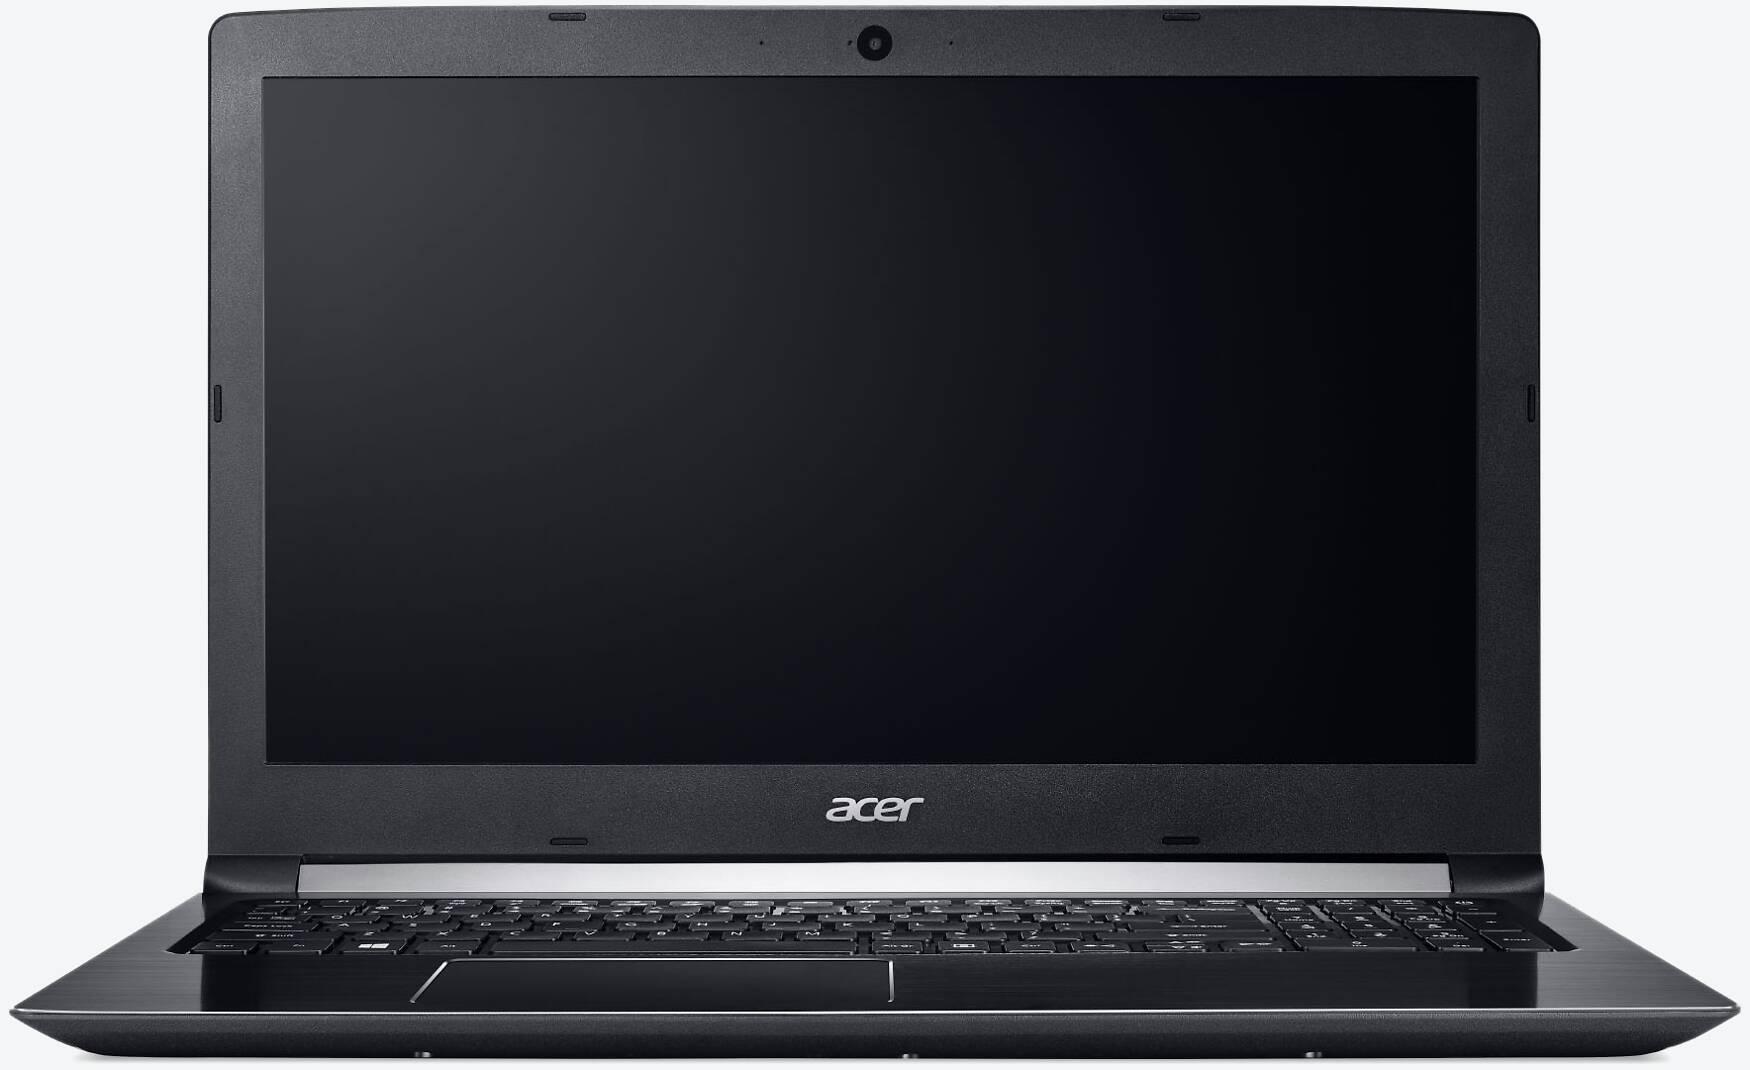 Acer Aspire 5 A515-54G-715Y